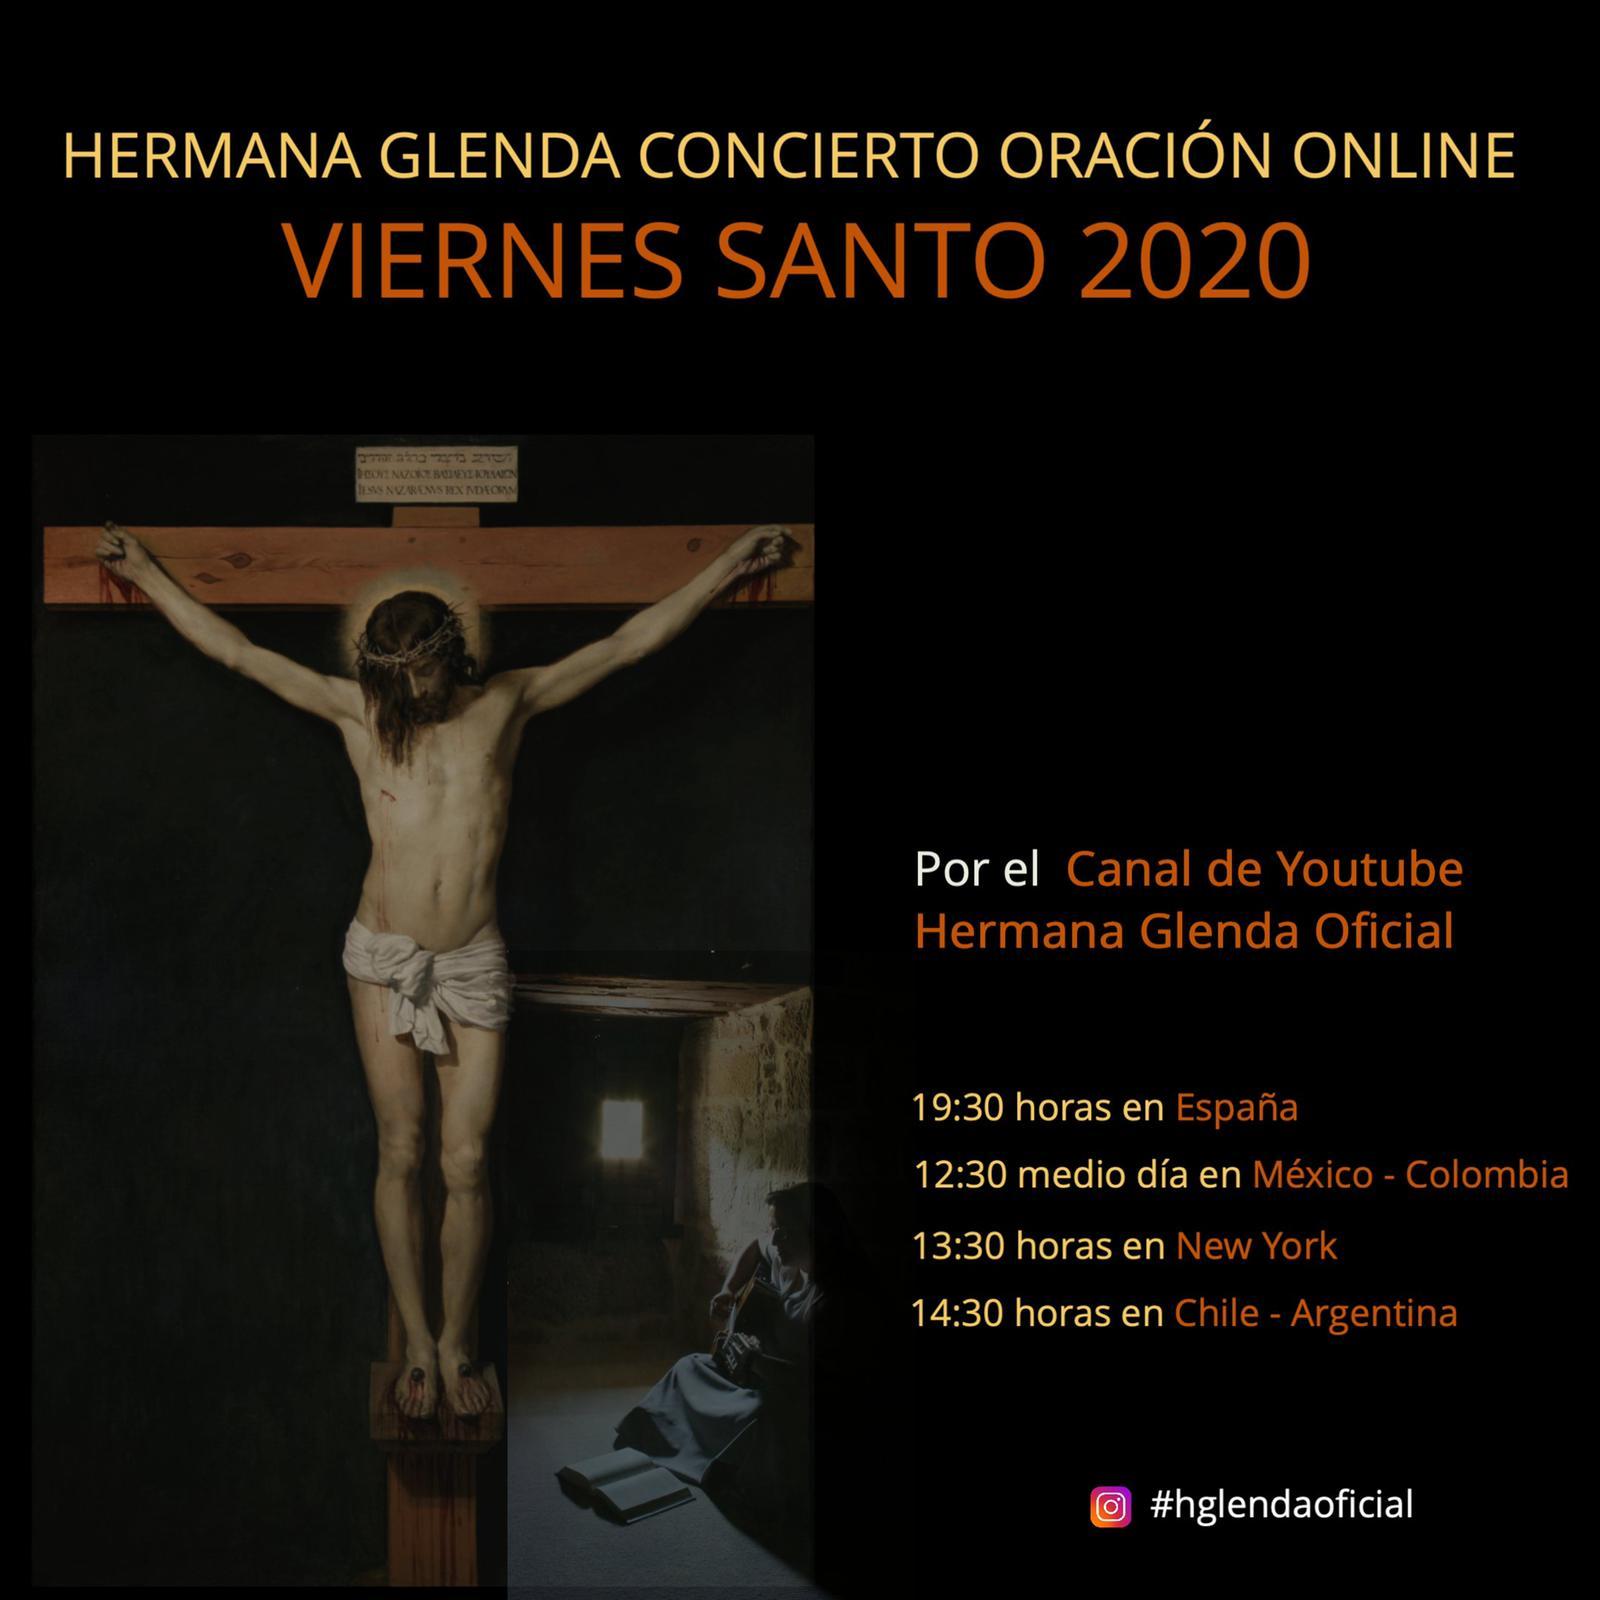 Concierto Oración Online - Viernes Santo